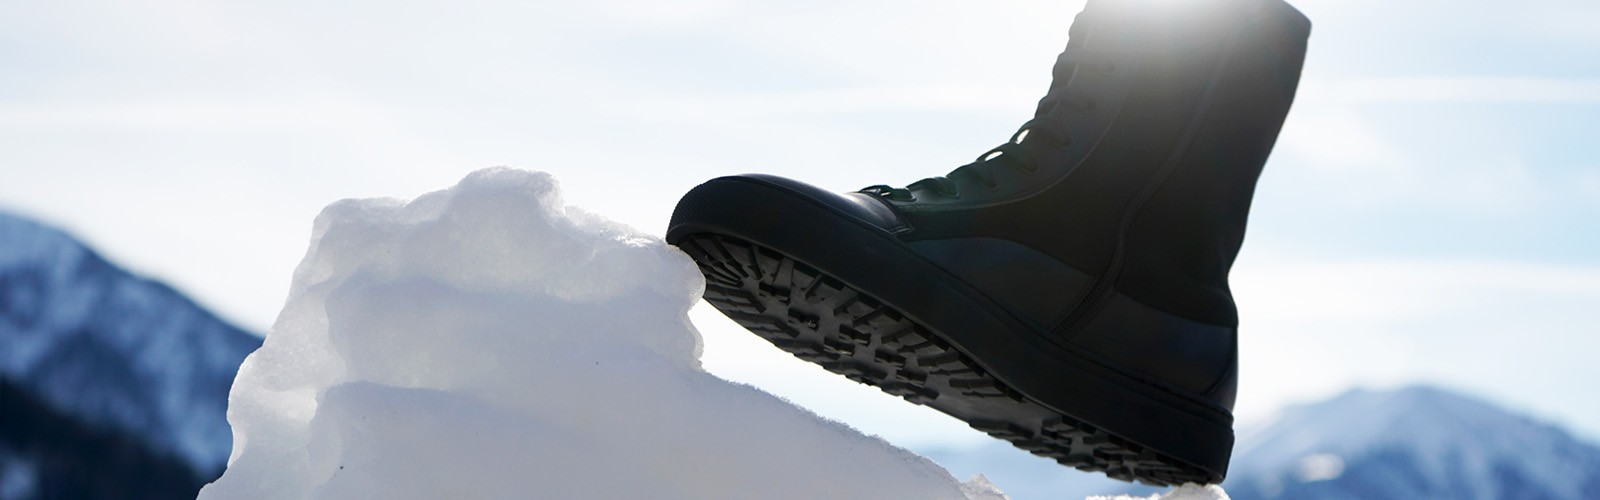 Chaussures hommes véganes pour la saison froide